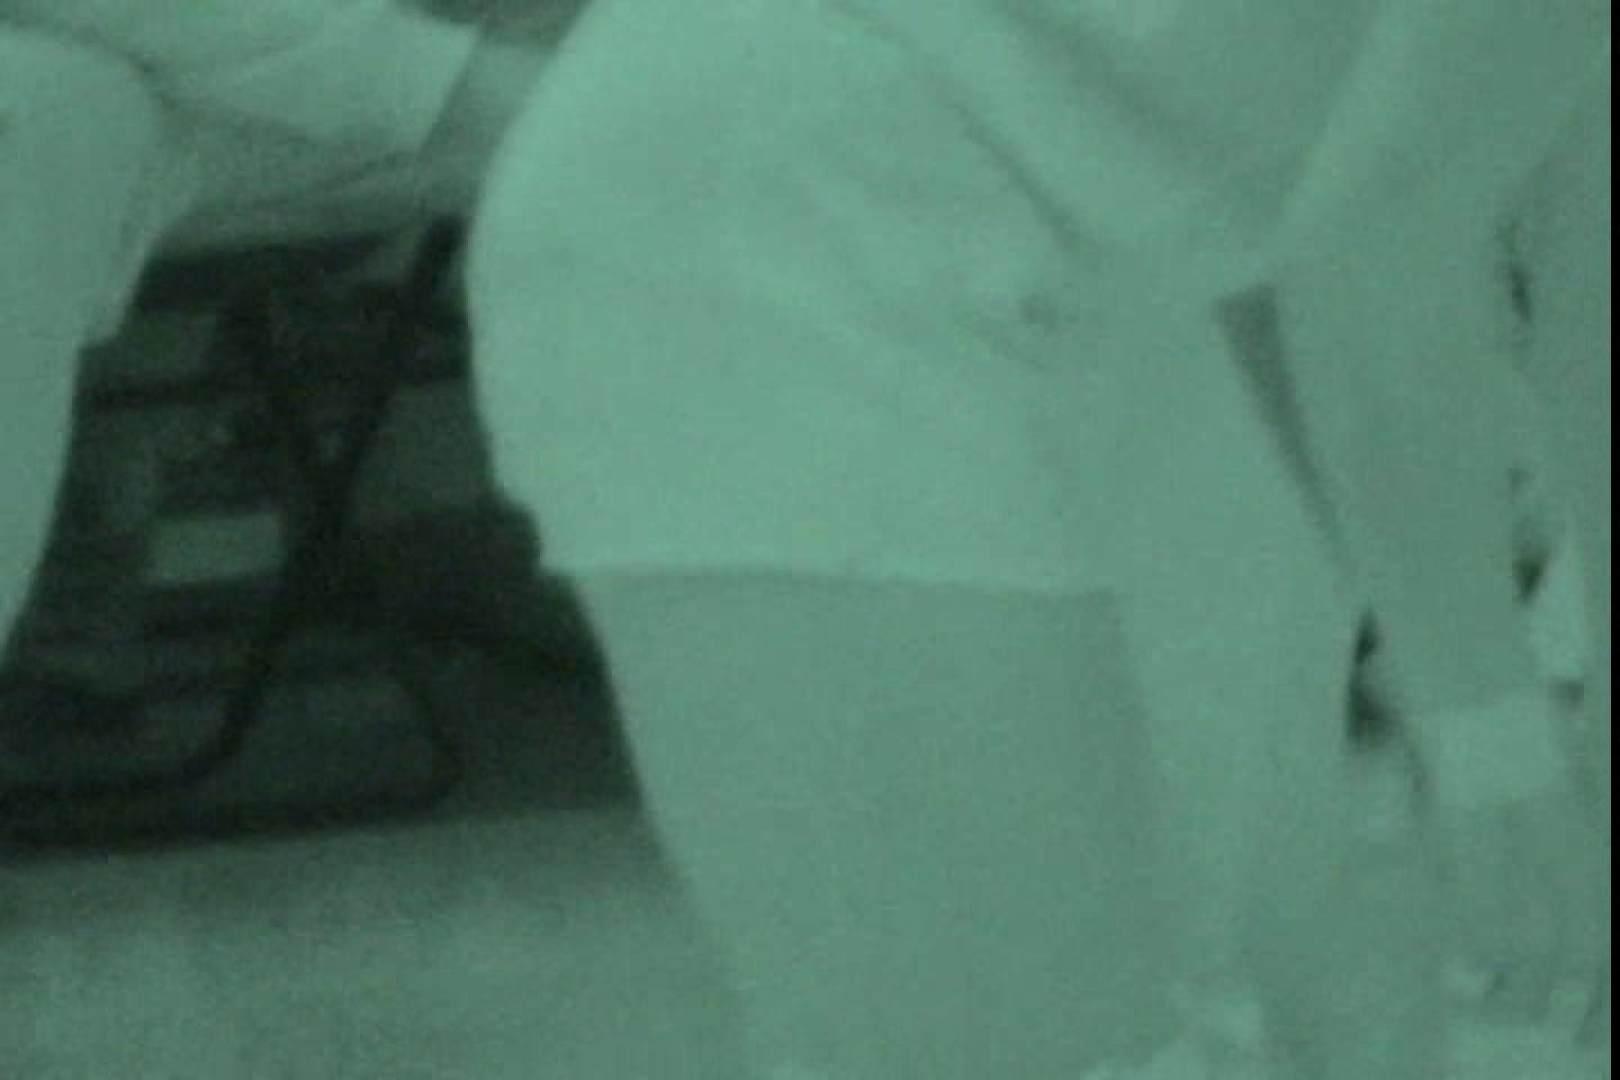 赤外線ムレスケバレー(汗) vol.04 OLのエロ生活 性交動画流出 99連発 20